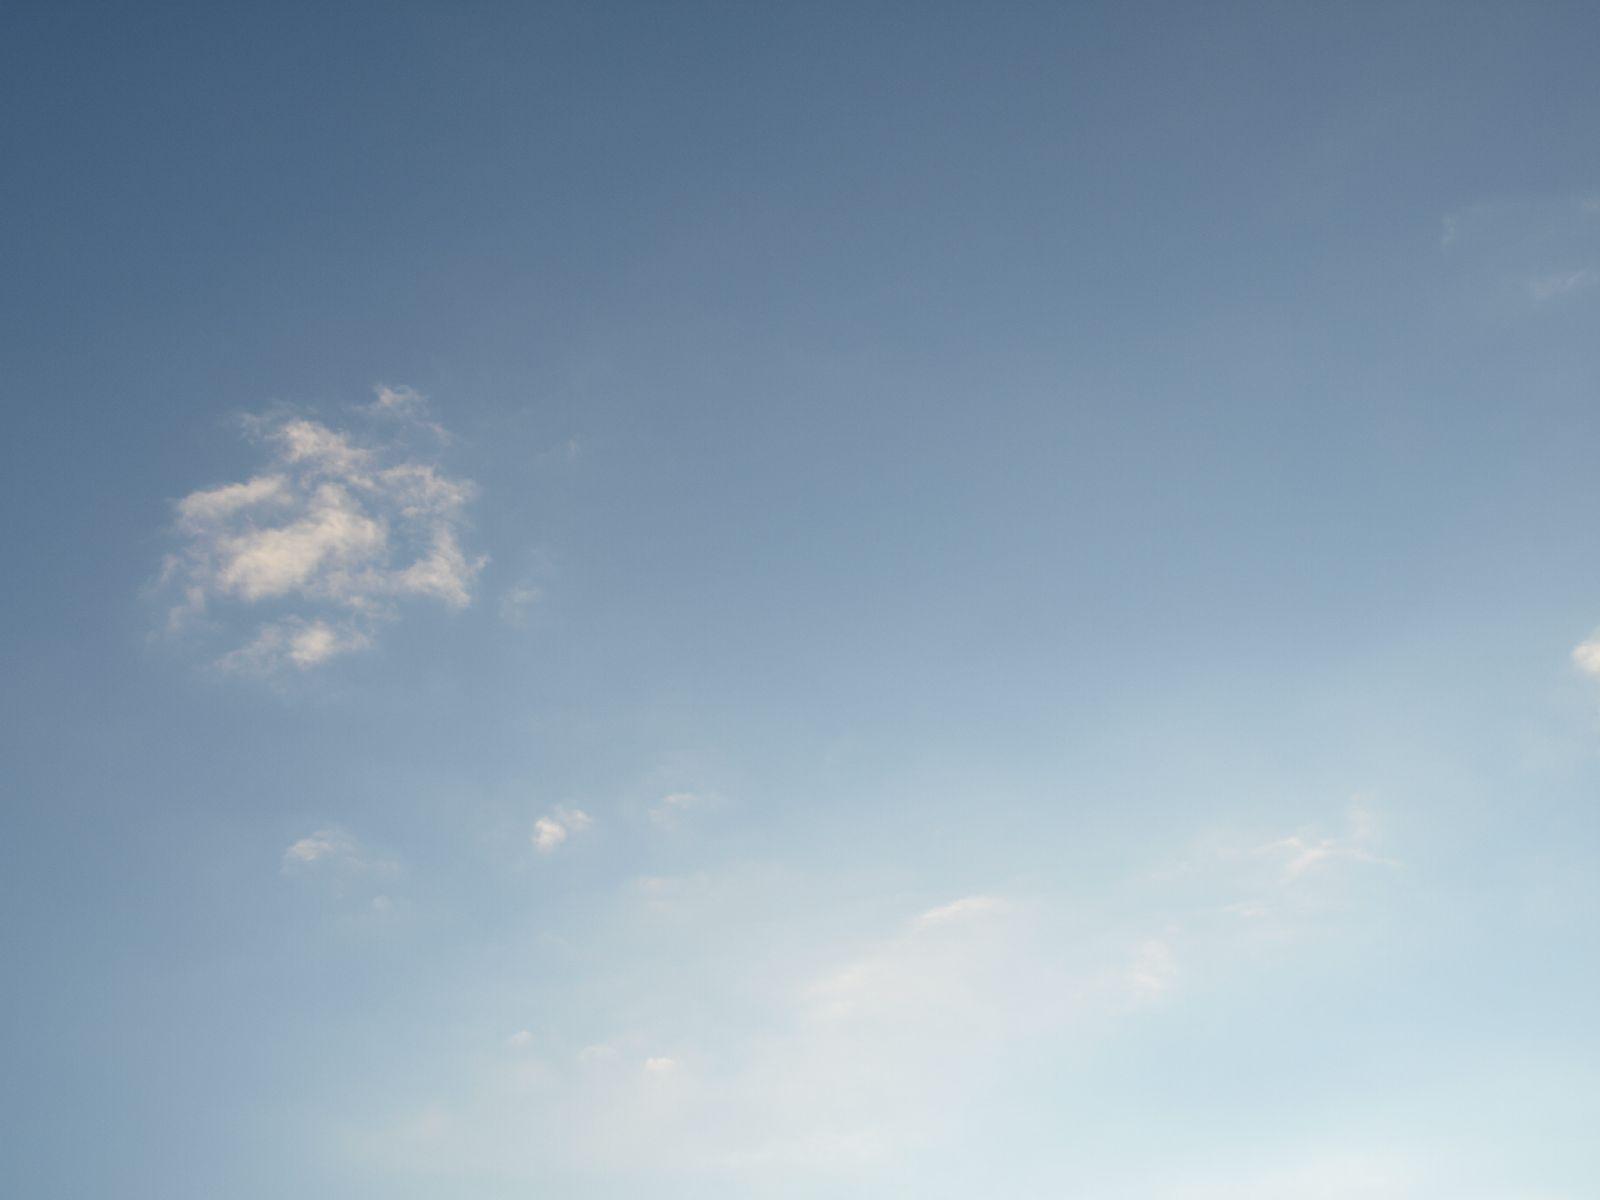 Himmel-Wolken-Foto_Textur_A_P8154256